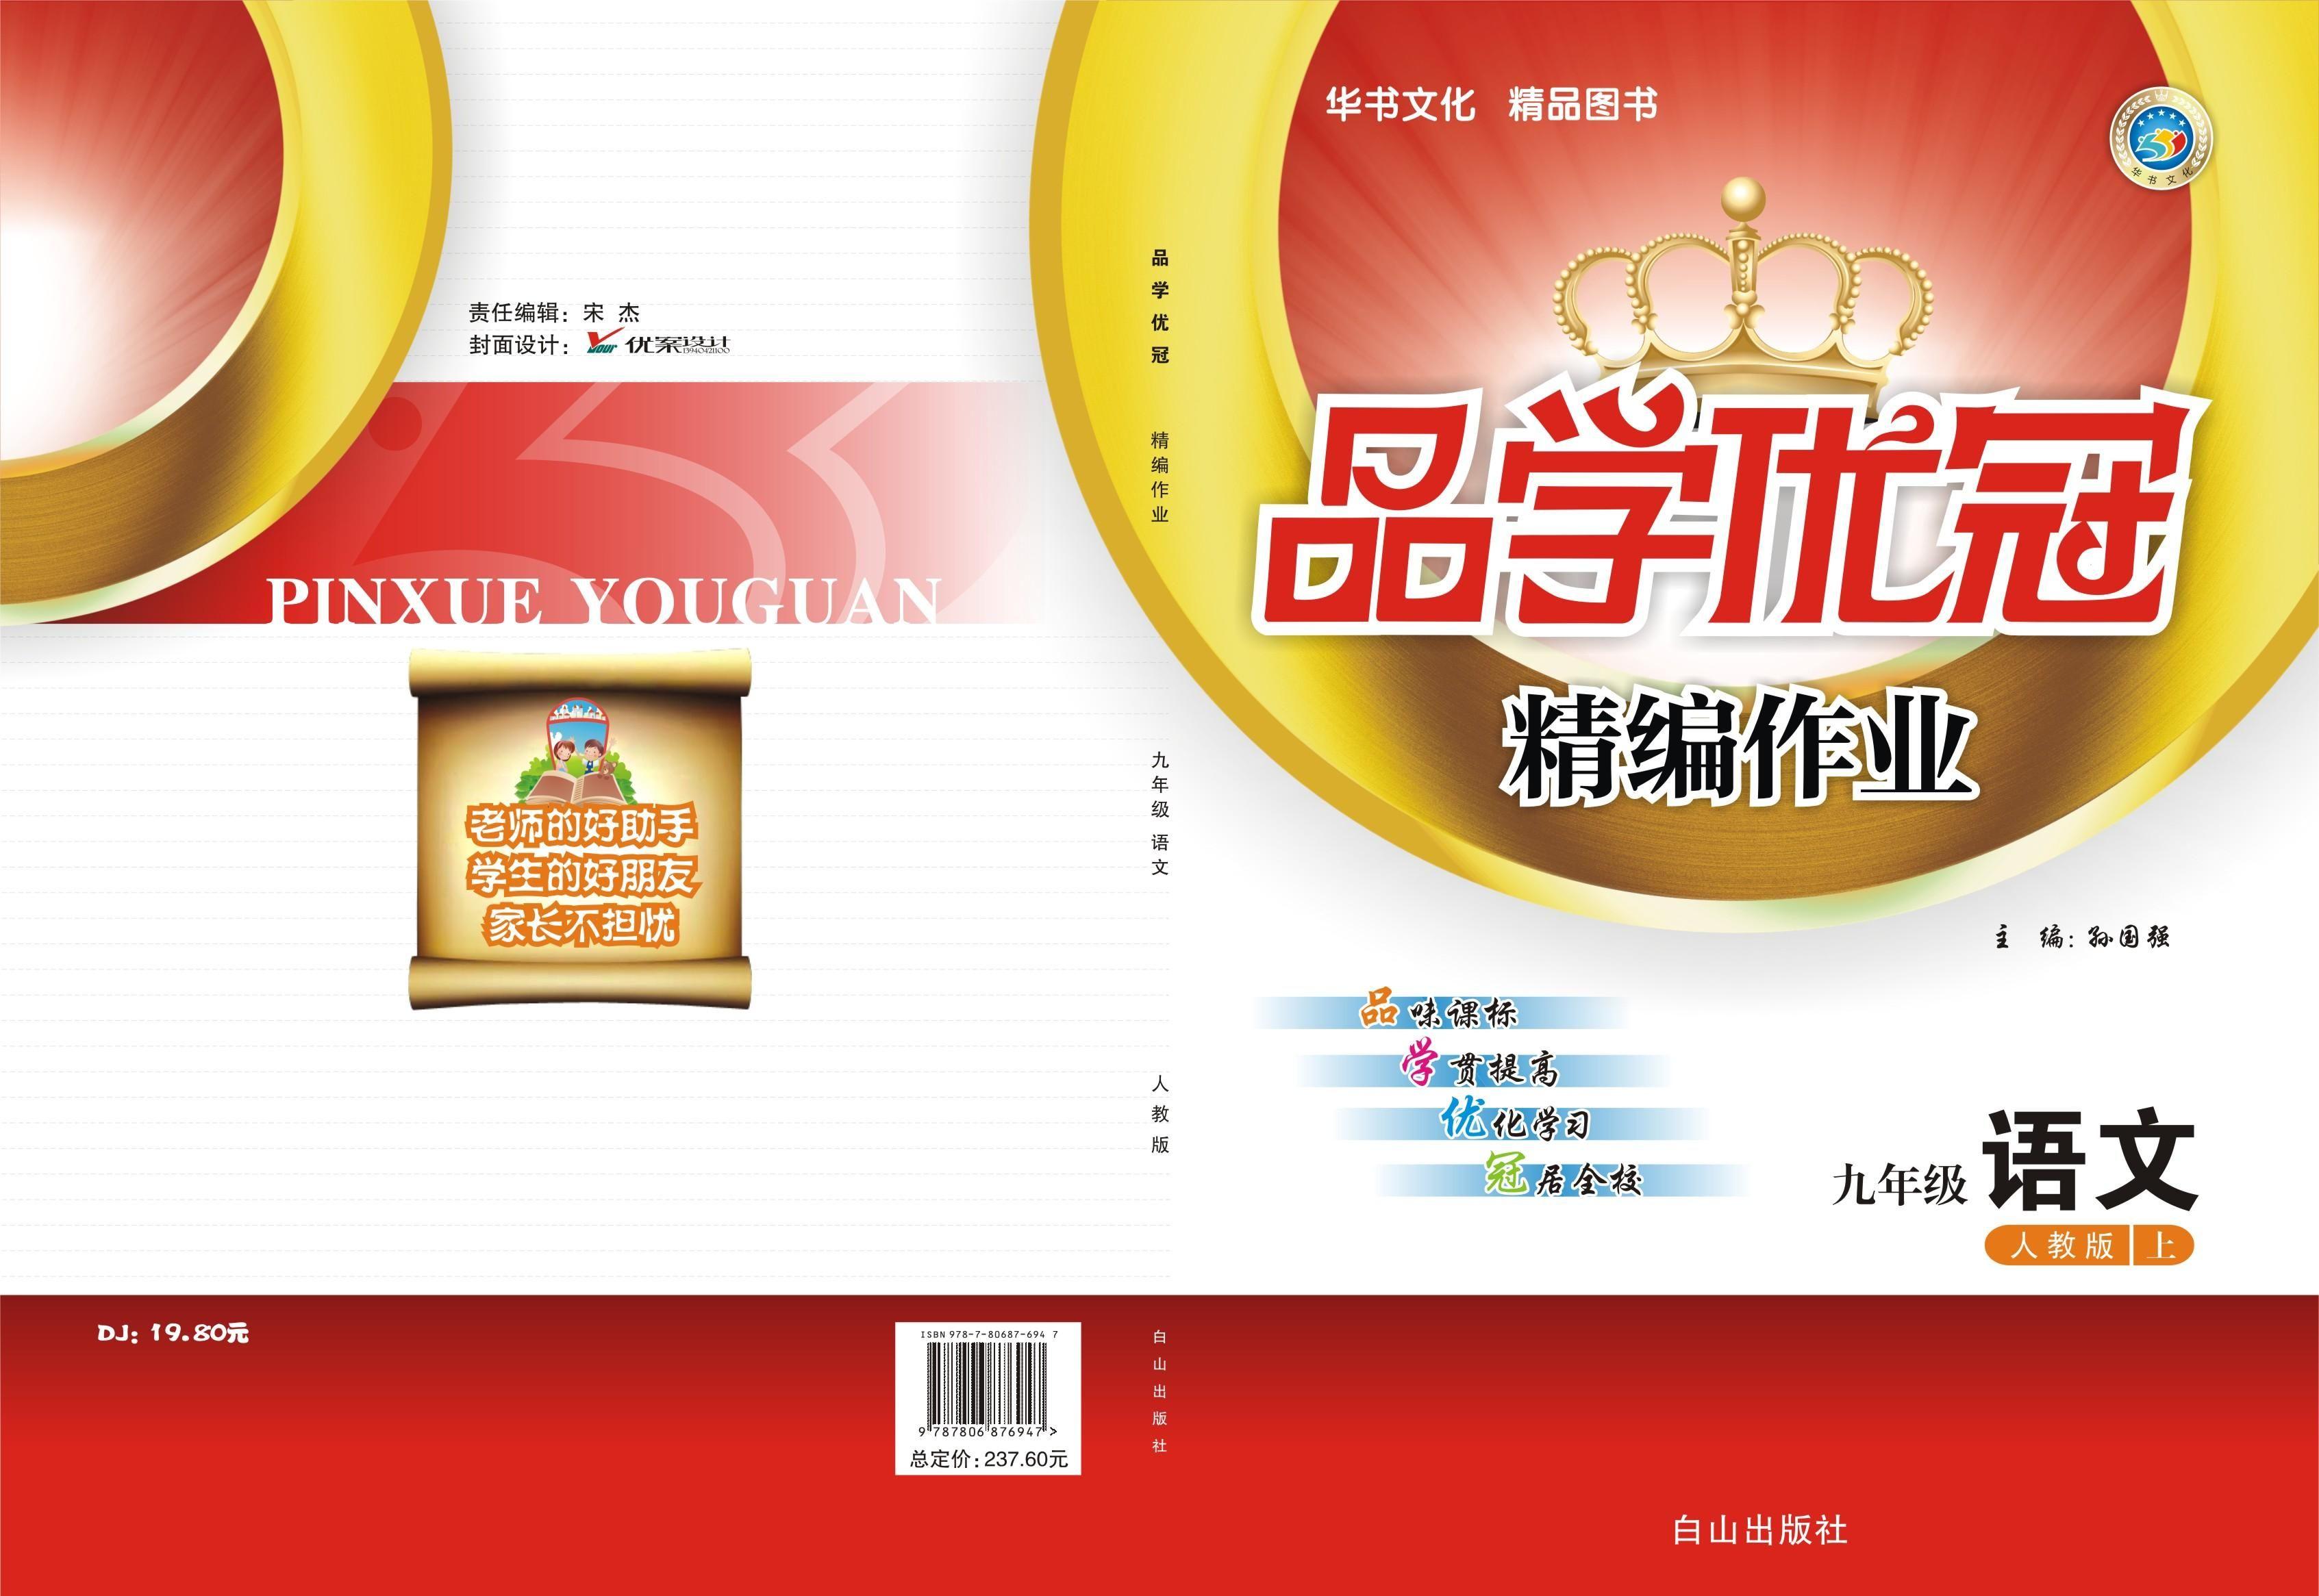 中学生练习册封面设计